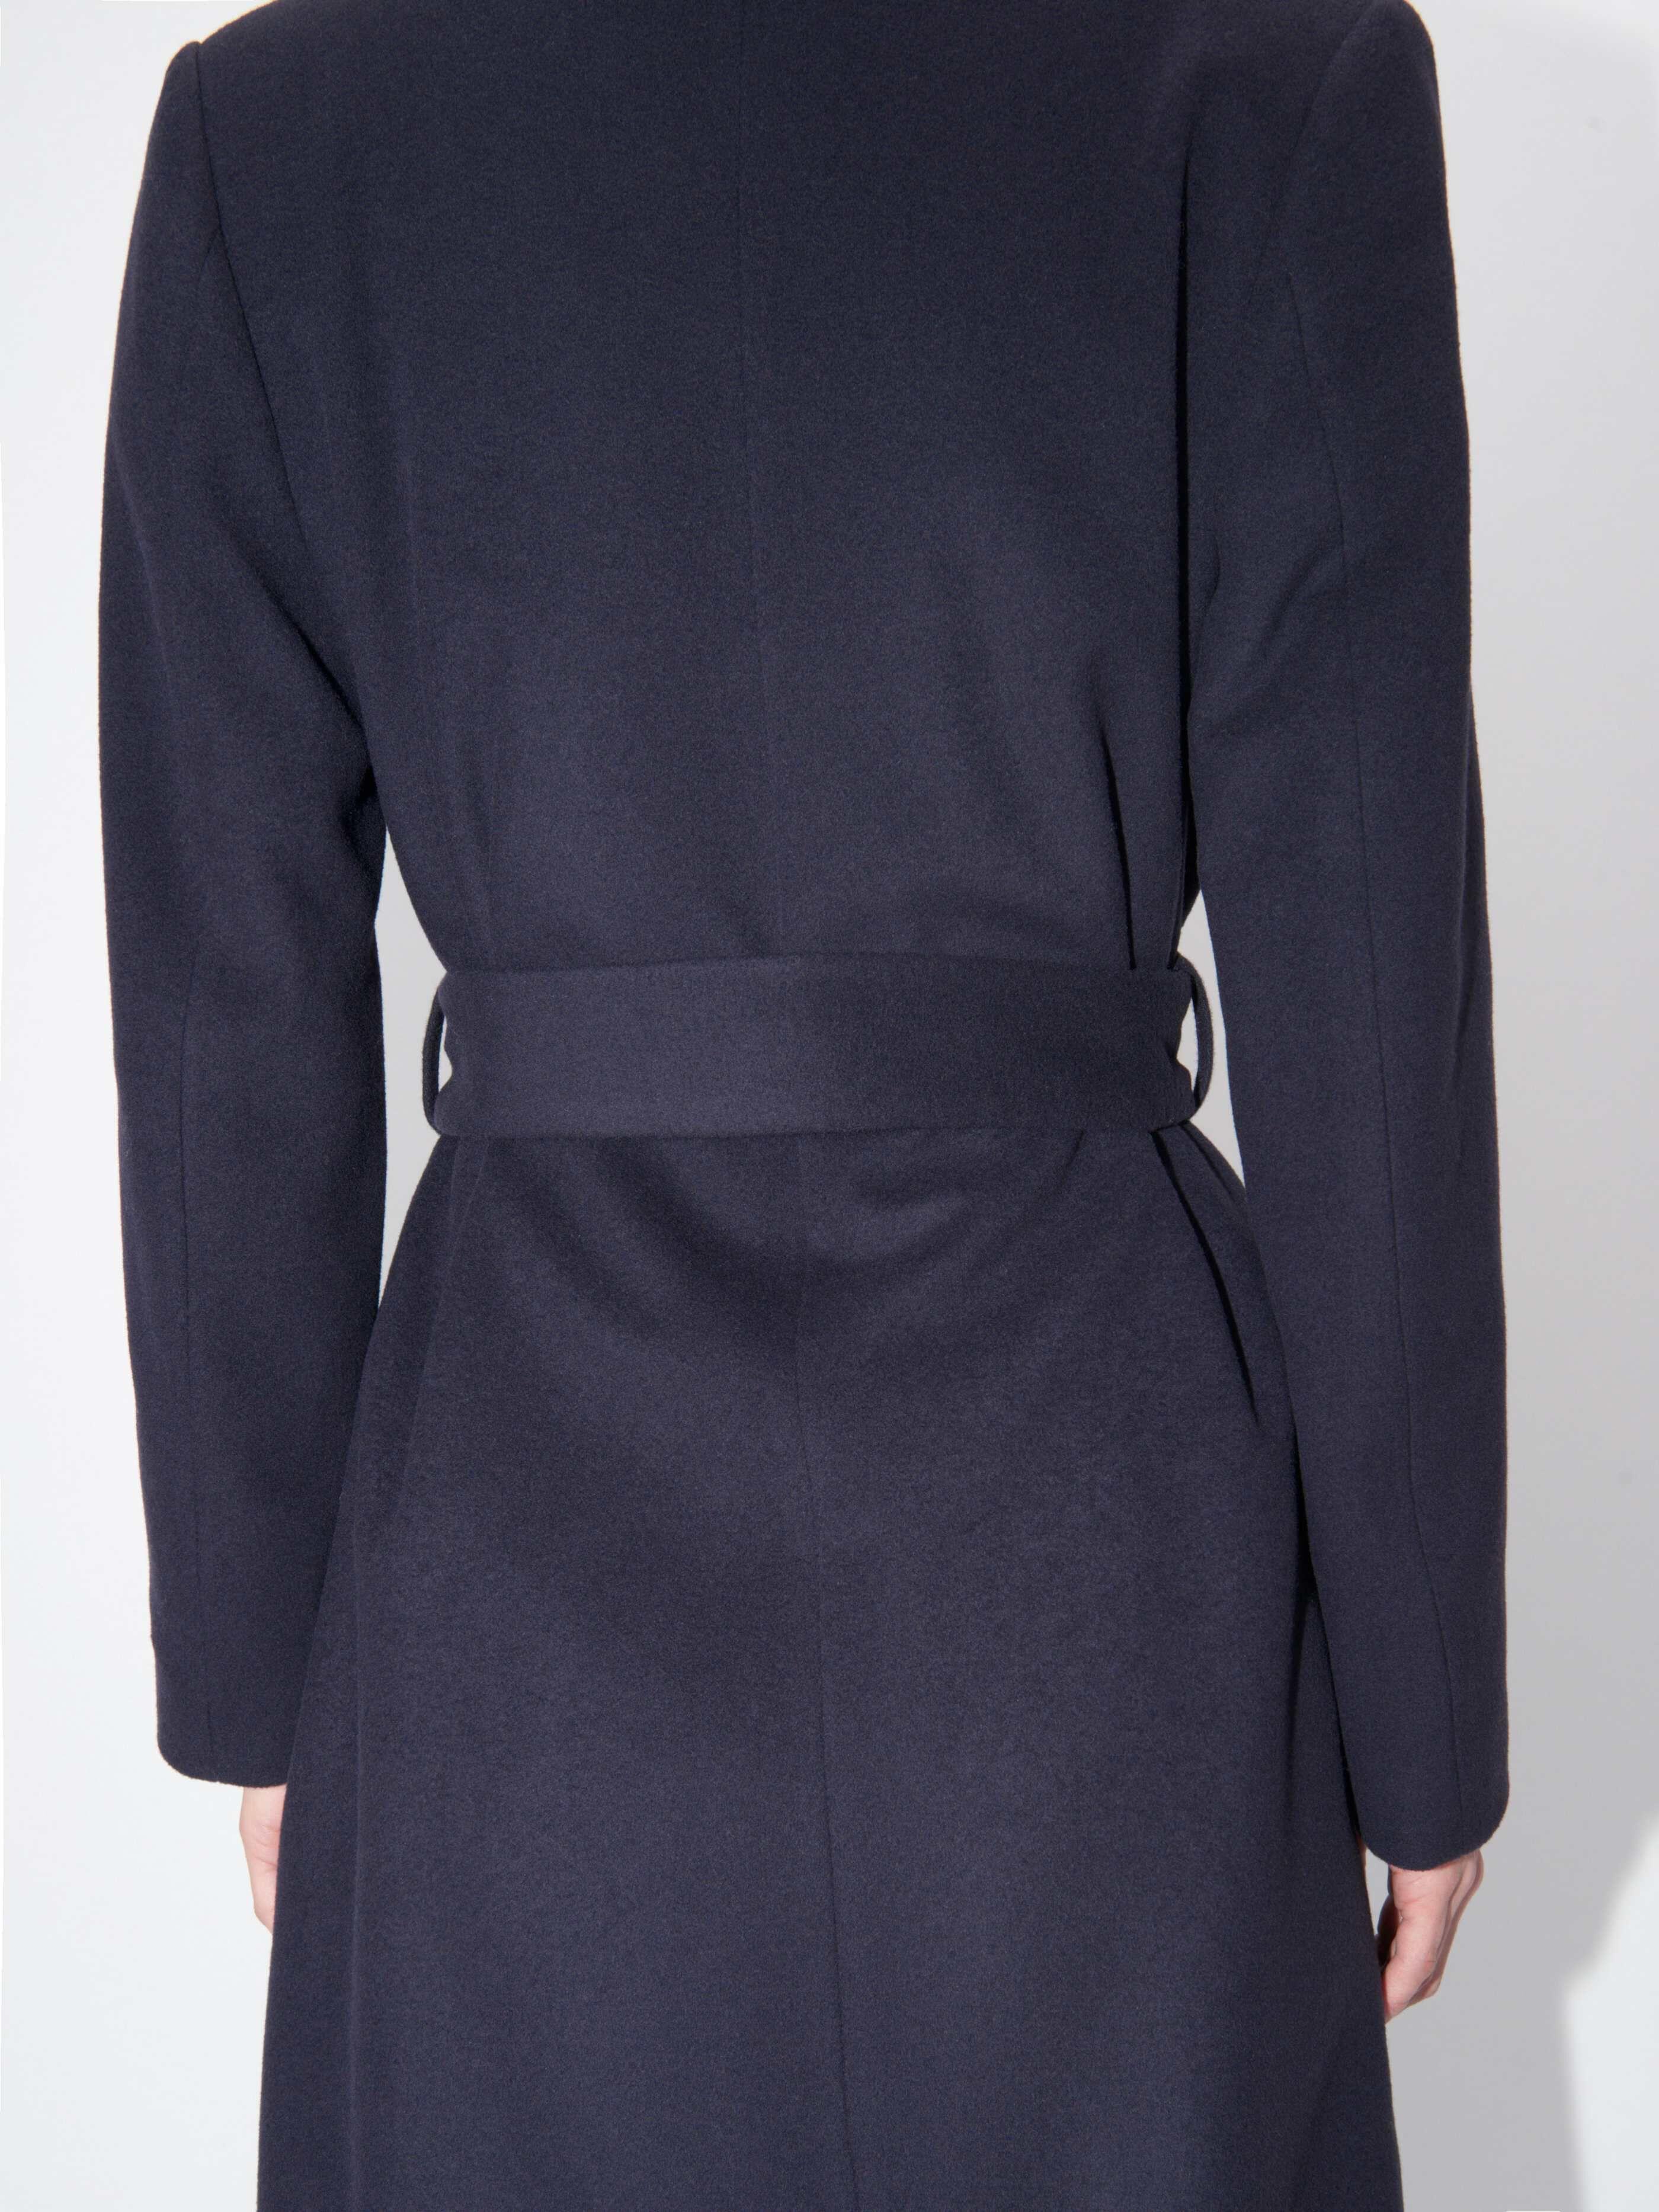 SchulterpolsterBekleidung Mantel SchulterpolsterBekleidung mit mit mit Mantel Mantel mit SchulterpolsterBekleidung Mantel CxdBoe